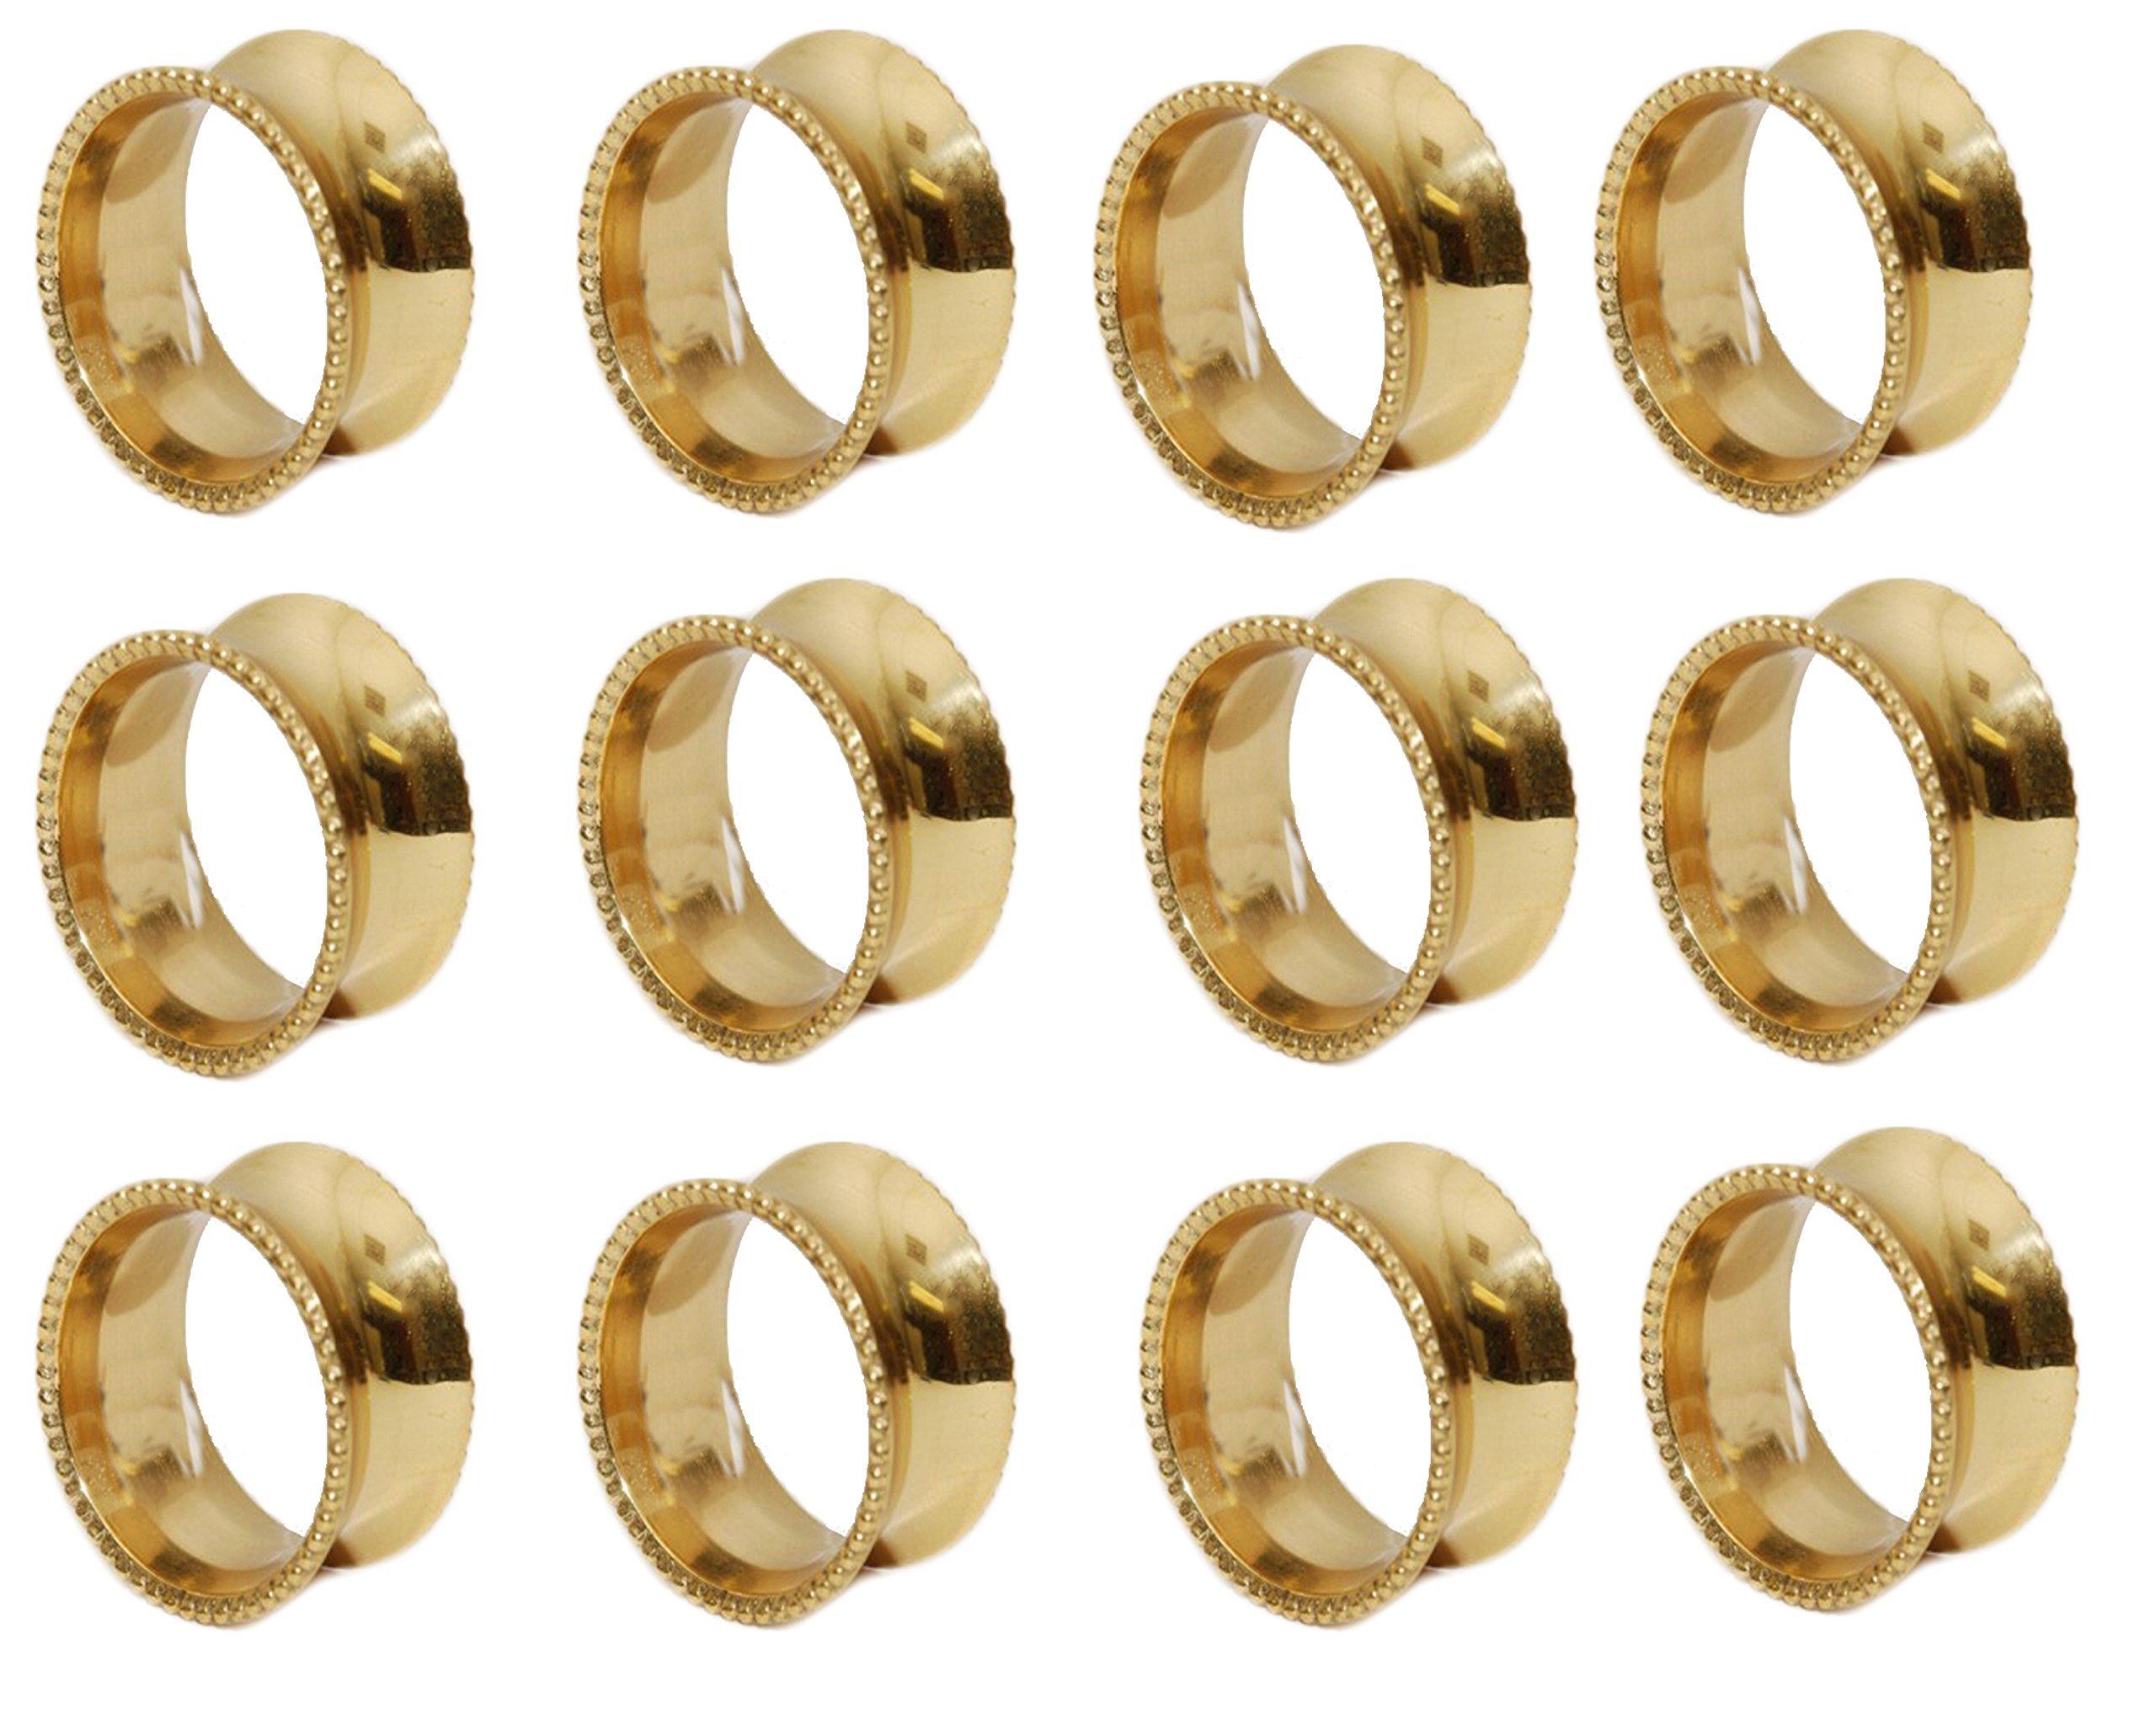 144 pcs NAPKIN RING - GOLD - Ima Brass by IMA BRASS (Image #1)